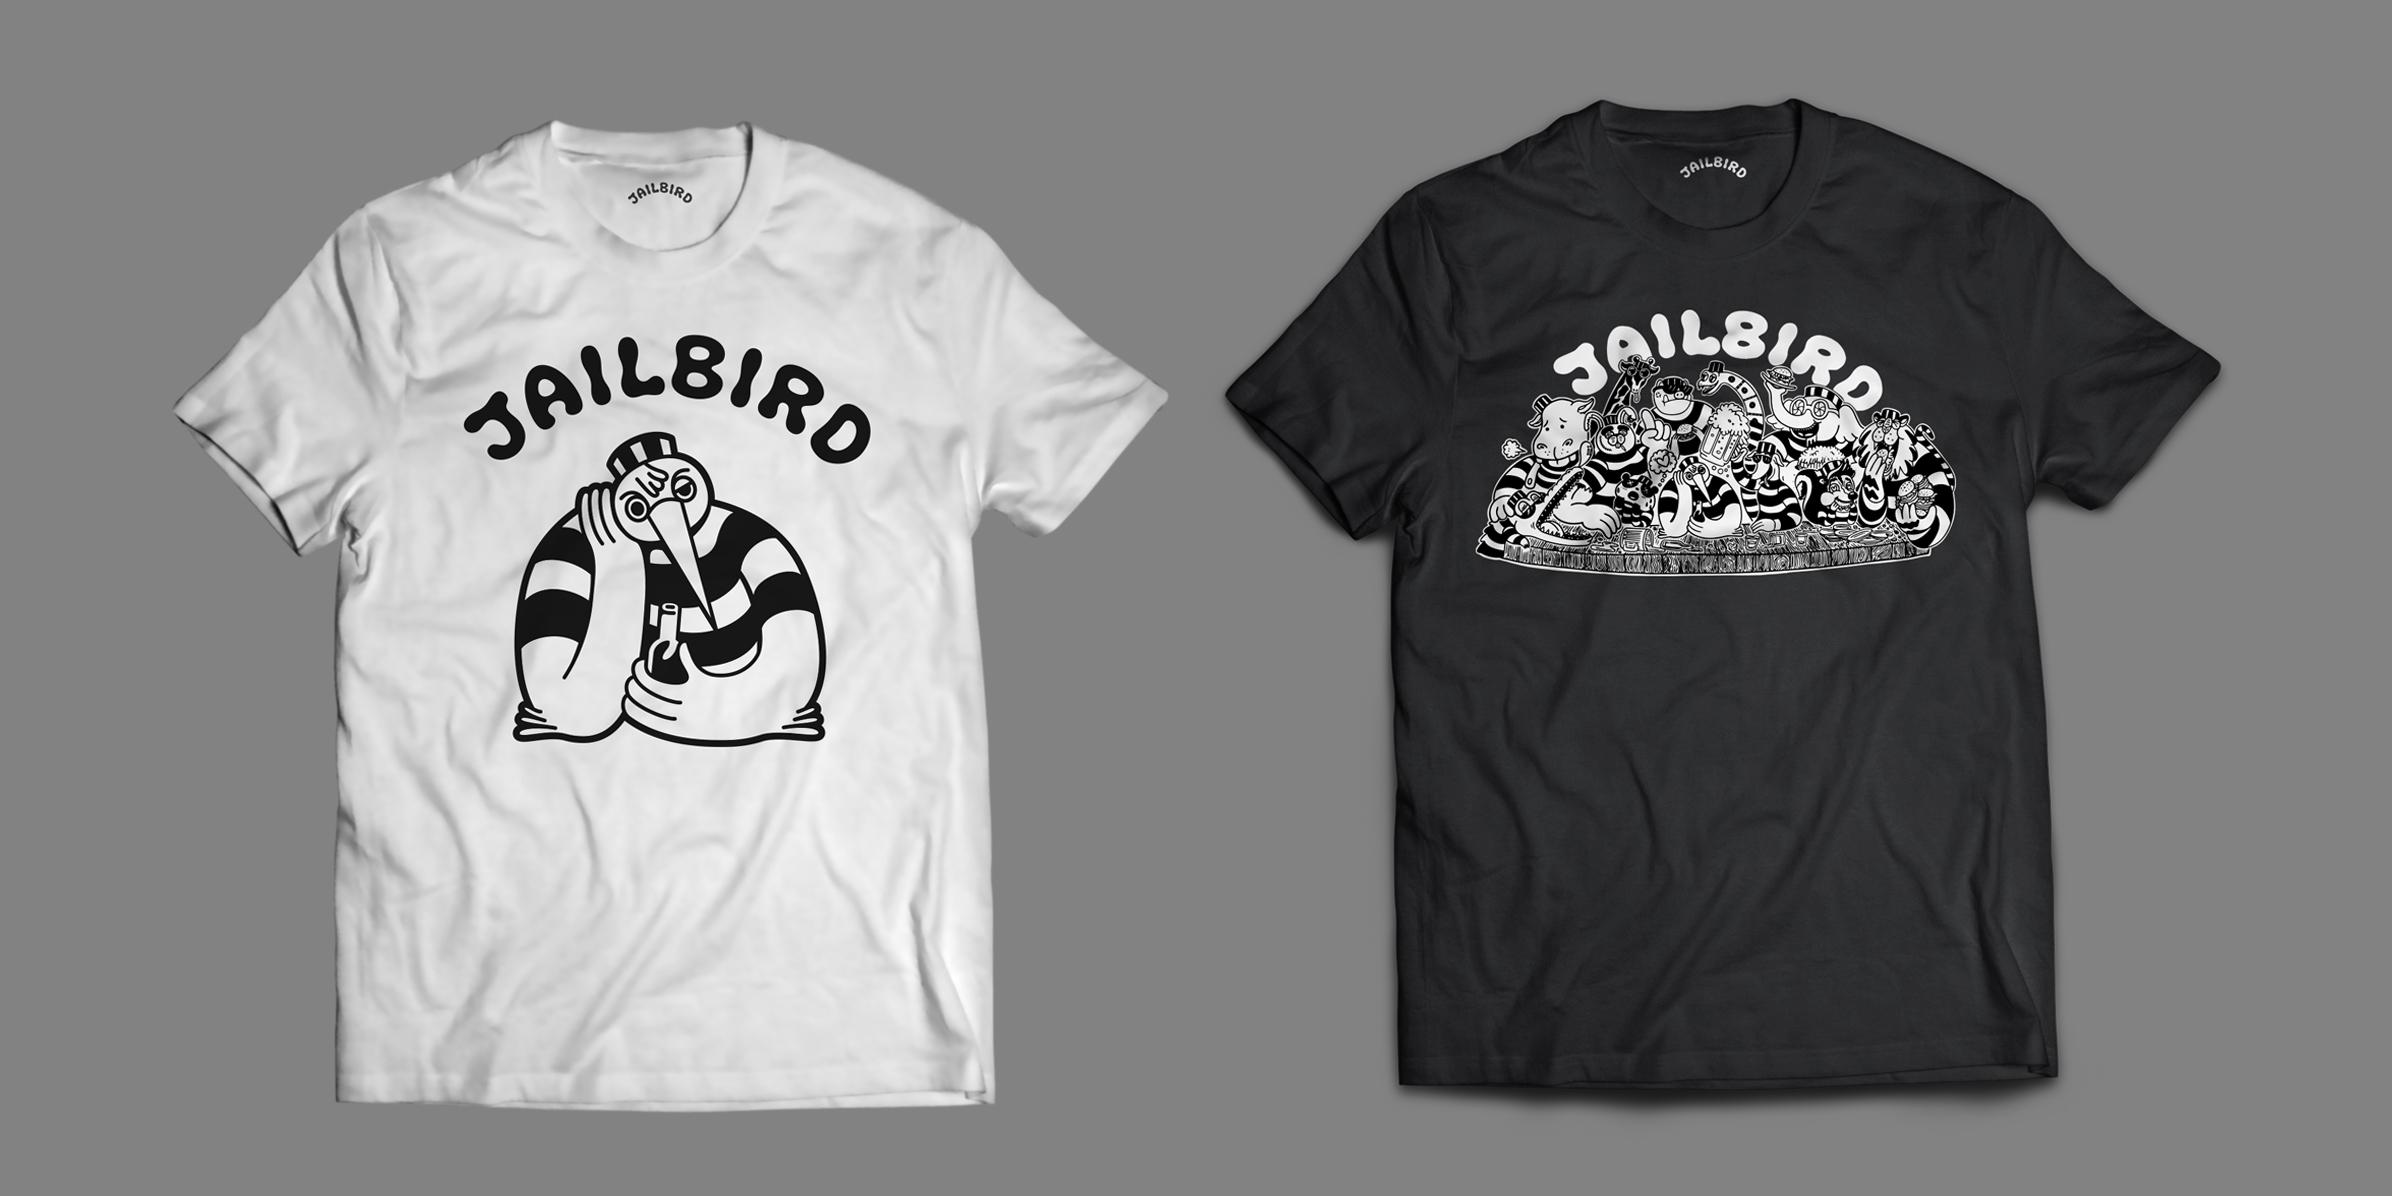 Jailbird-Shirt.jpg